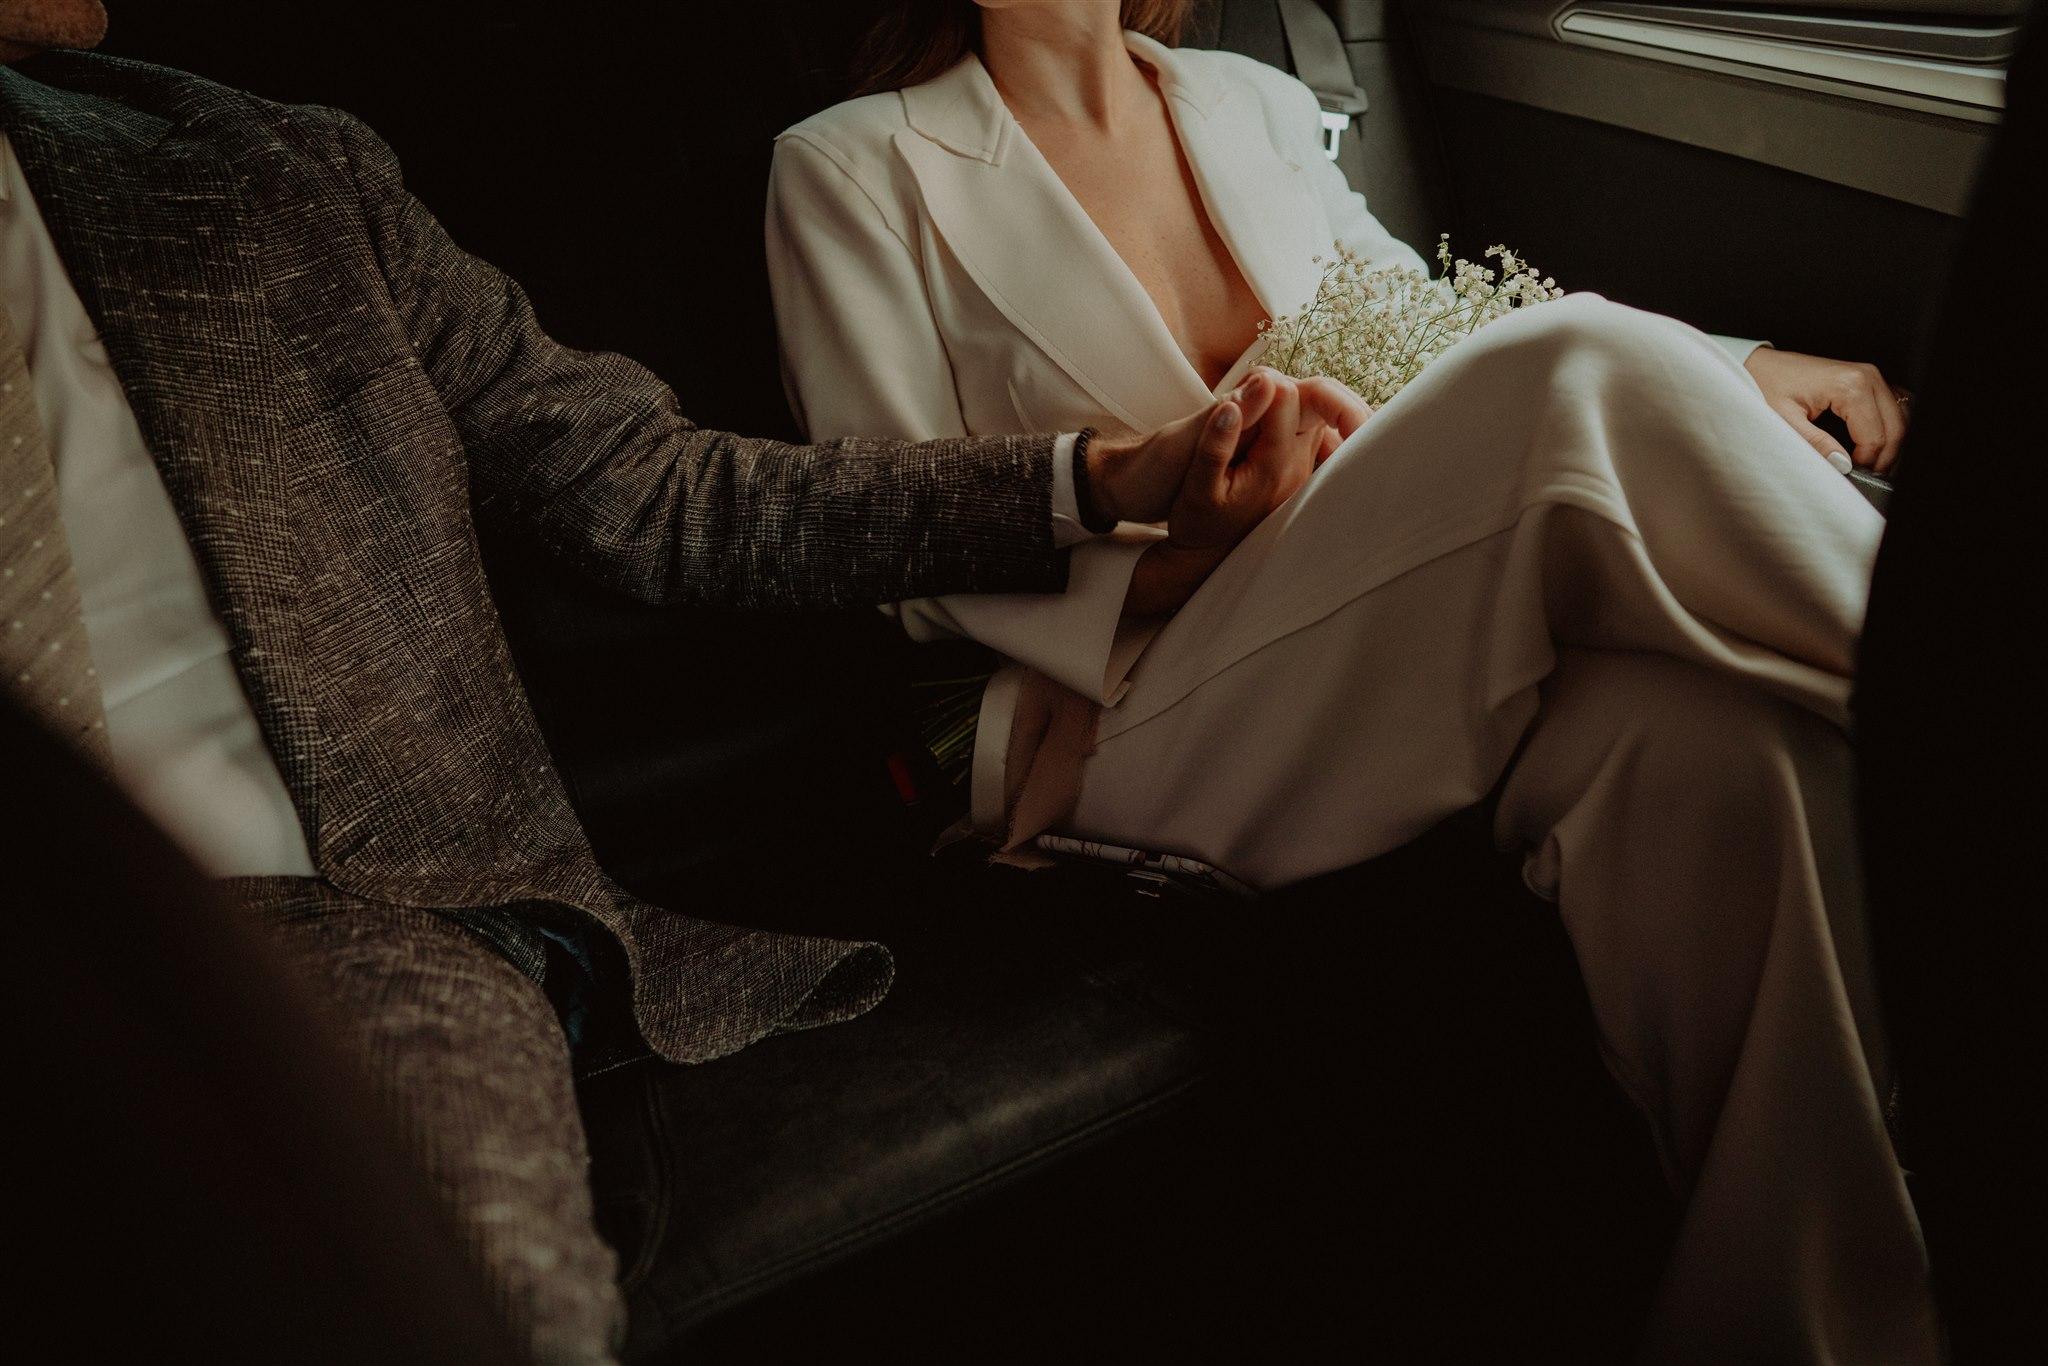 Chellise_Michael_Photography_Ramona_Brooklyn_Wedding_Photographer-212.jpg